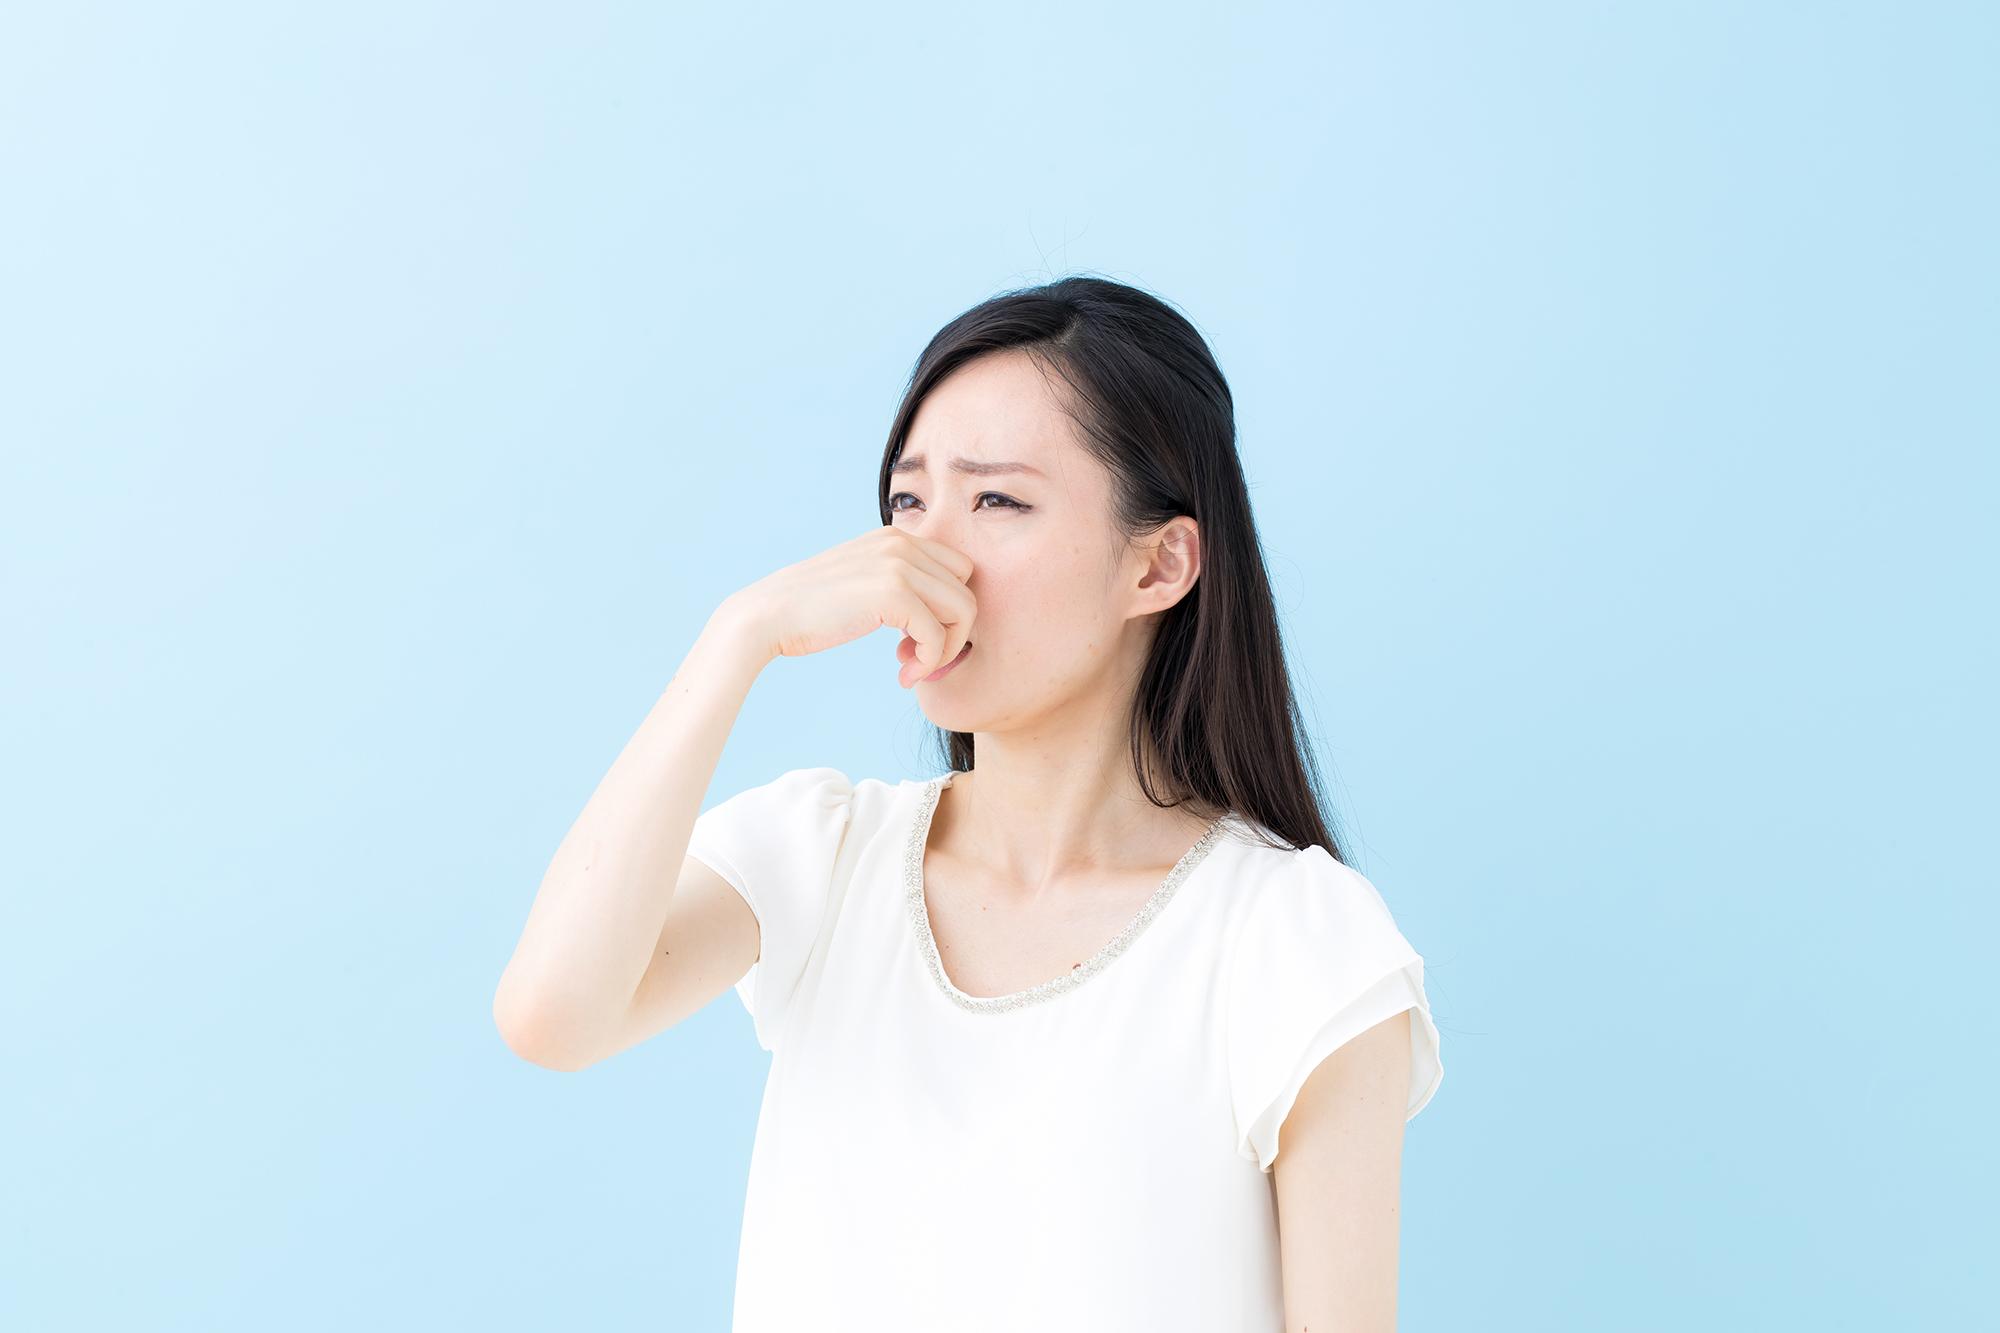 鼻の奥が痛くなる原因